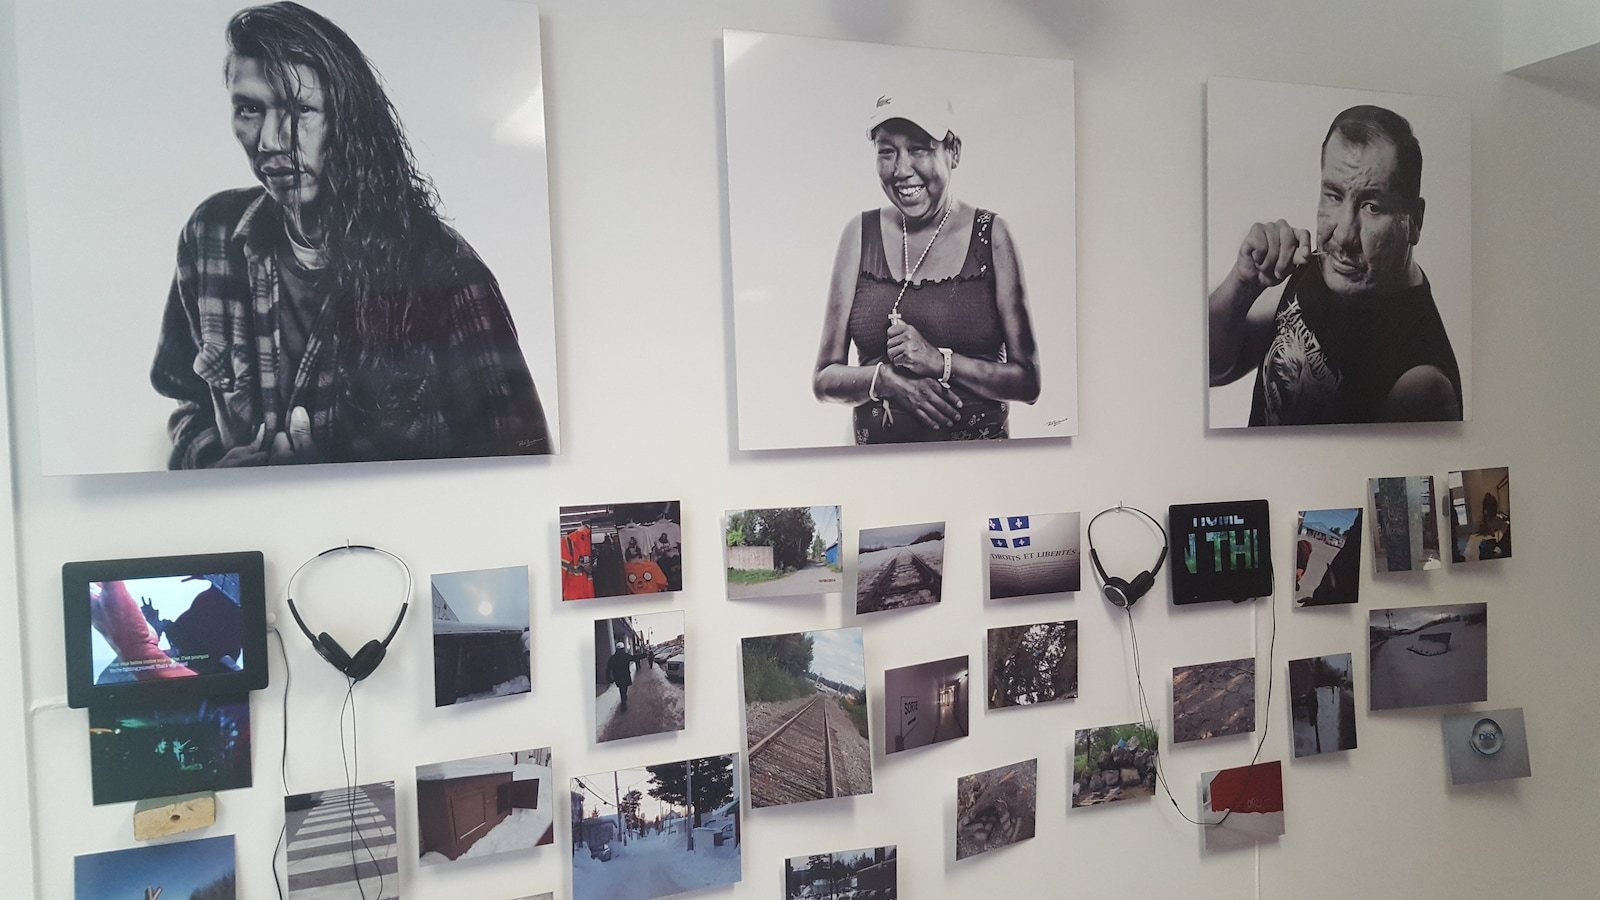 C'est aussi à cet endroit qu'a été déplacée l'exposition photo réalisée pour les 40 ans du Centre d'amitié autochtone de Val-d'Or.